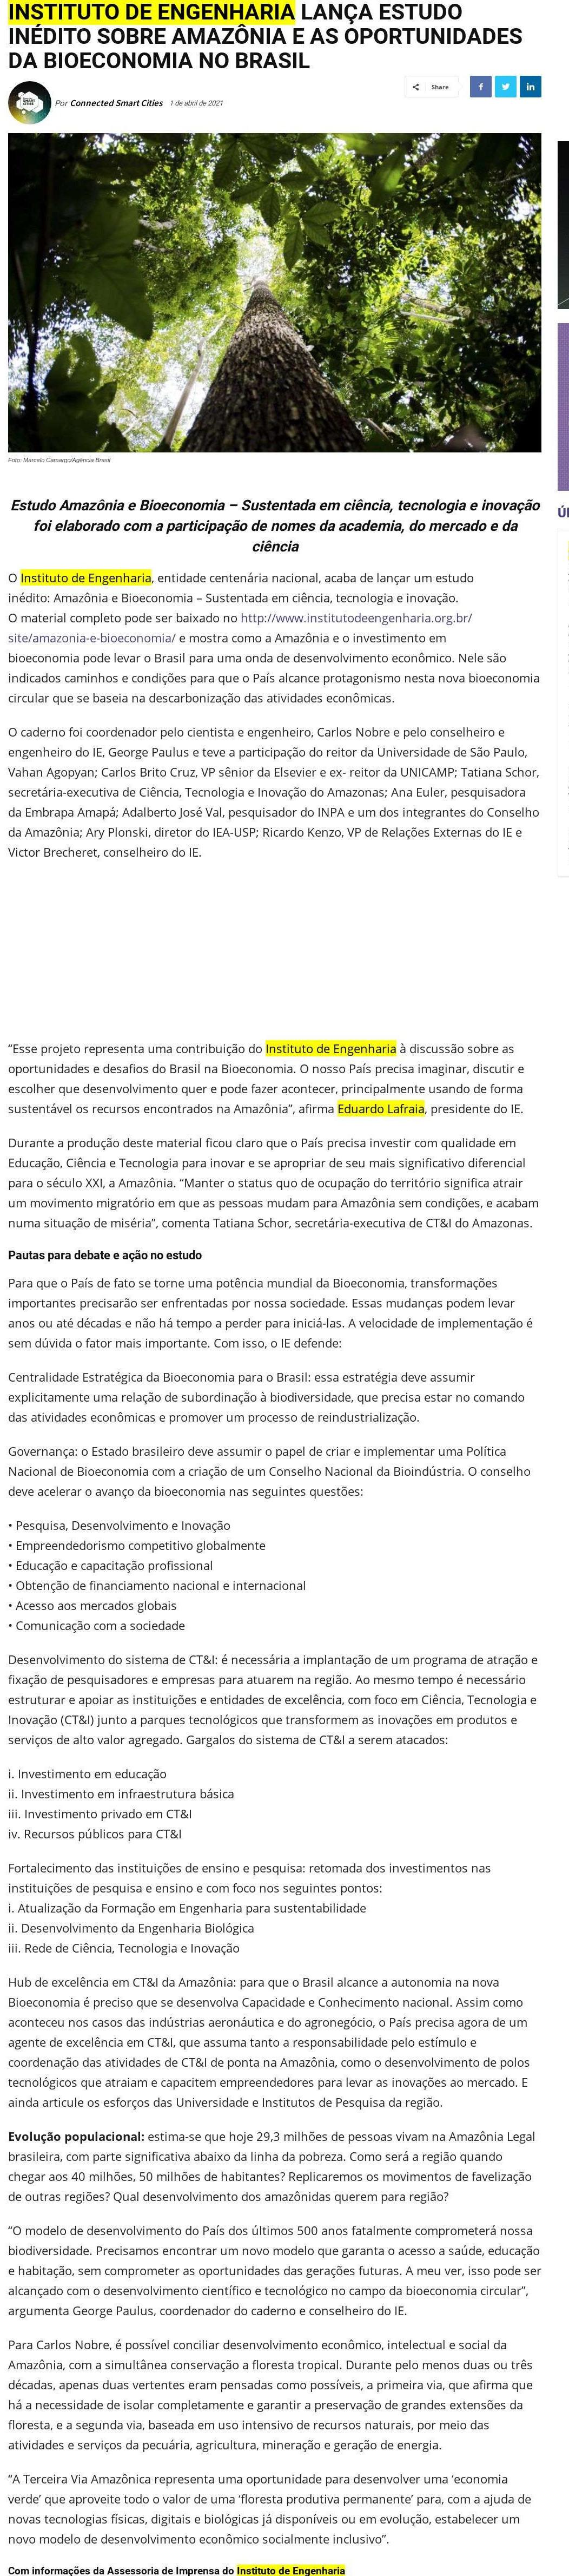 INSTITUTO DE ENGENHARIA LANÇA ESTUDO INÉDITO SOBRE AMAZÔNIA E AS OPORTUNIDADES DA BIOECONOMIA NO BRASIL - Connected Smart Cities